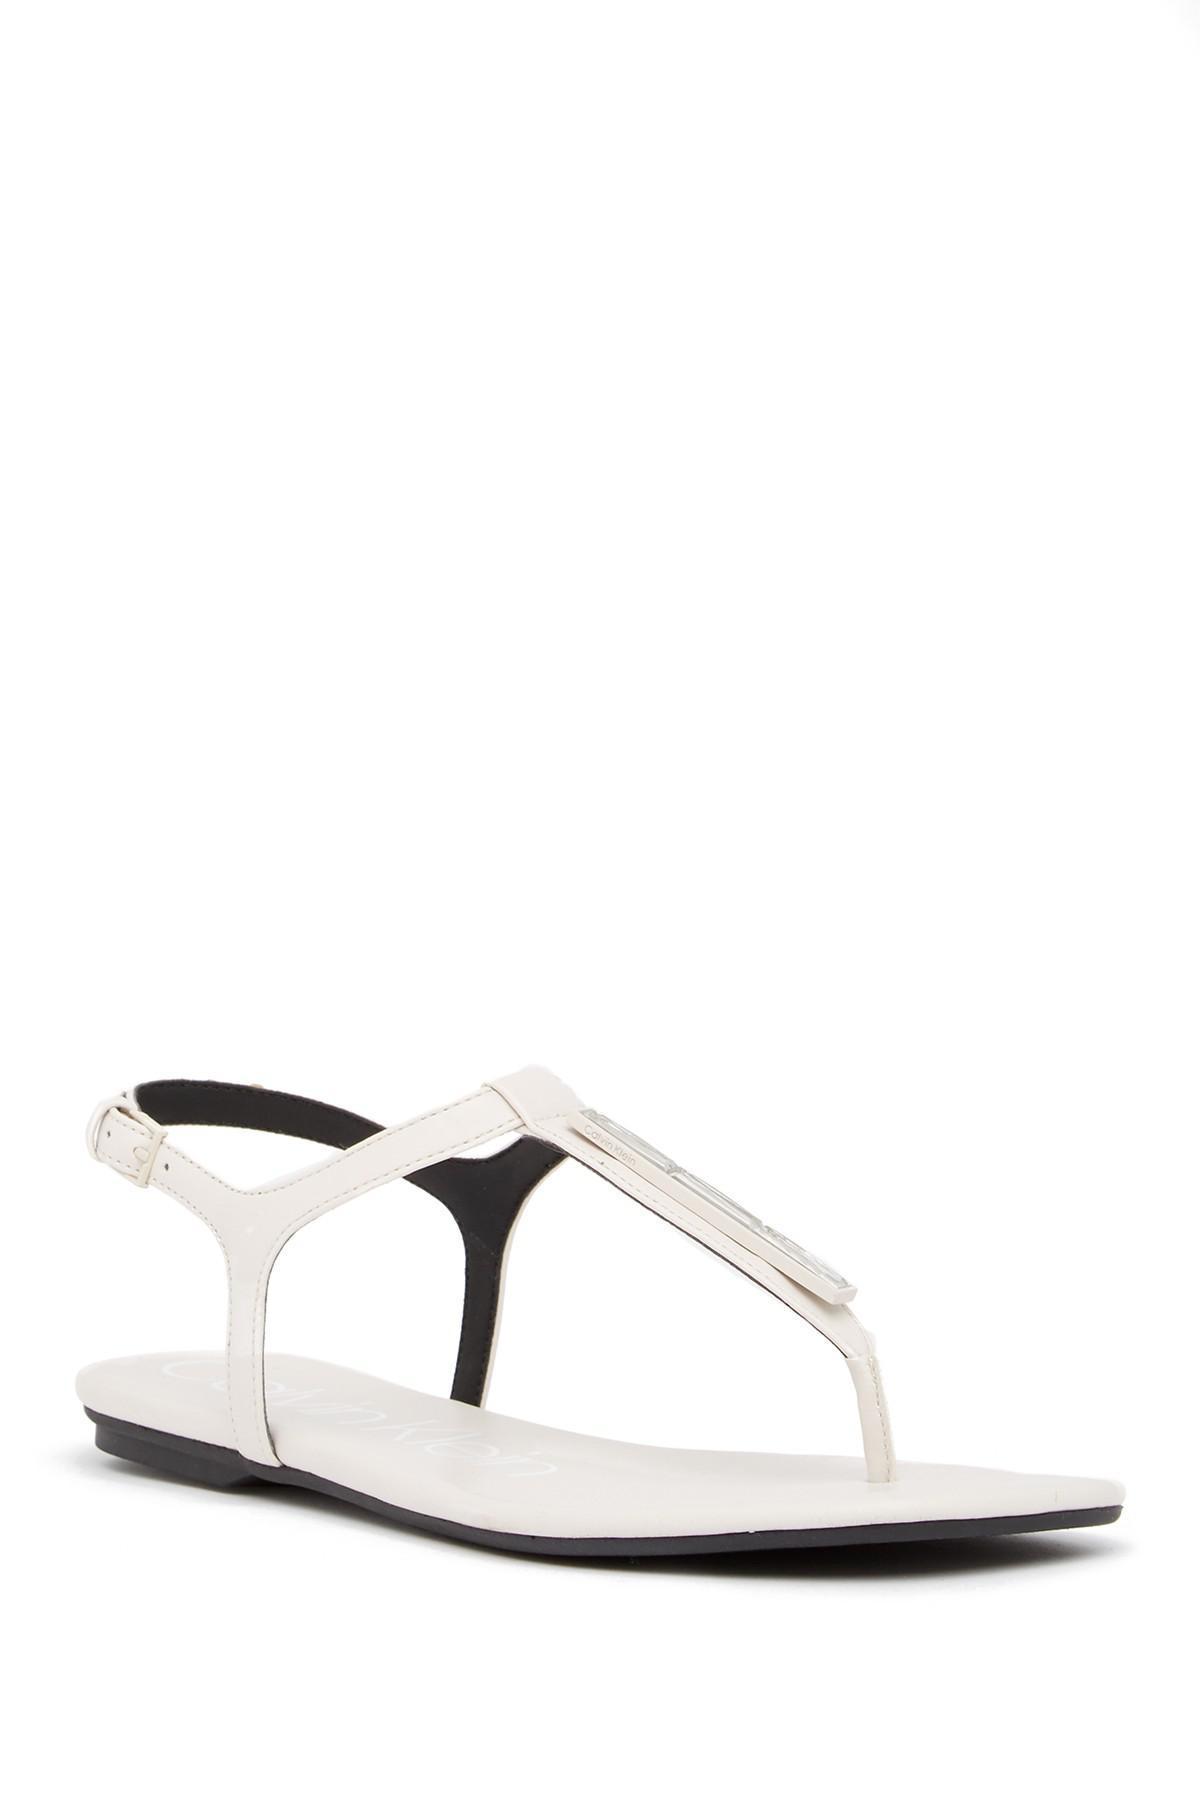 Calvin Klein Sharene Thong Sandal 3UTpo7